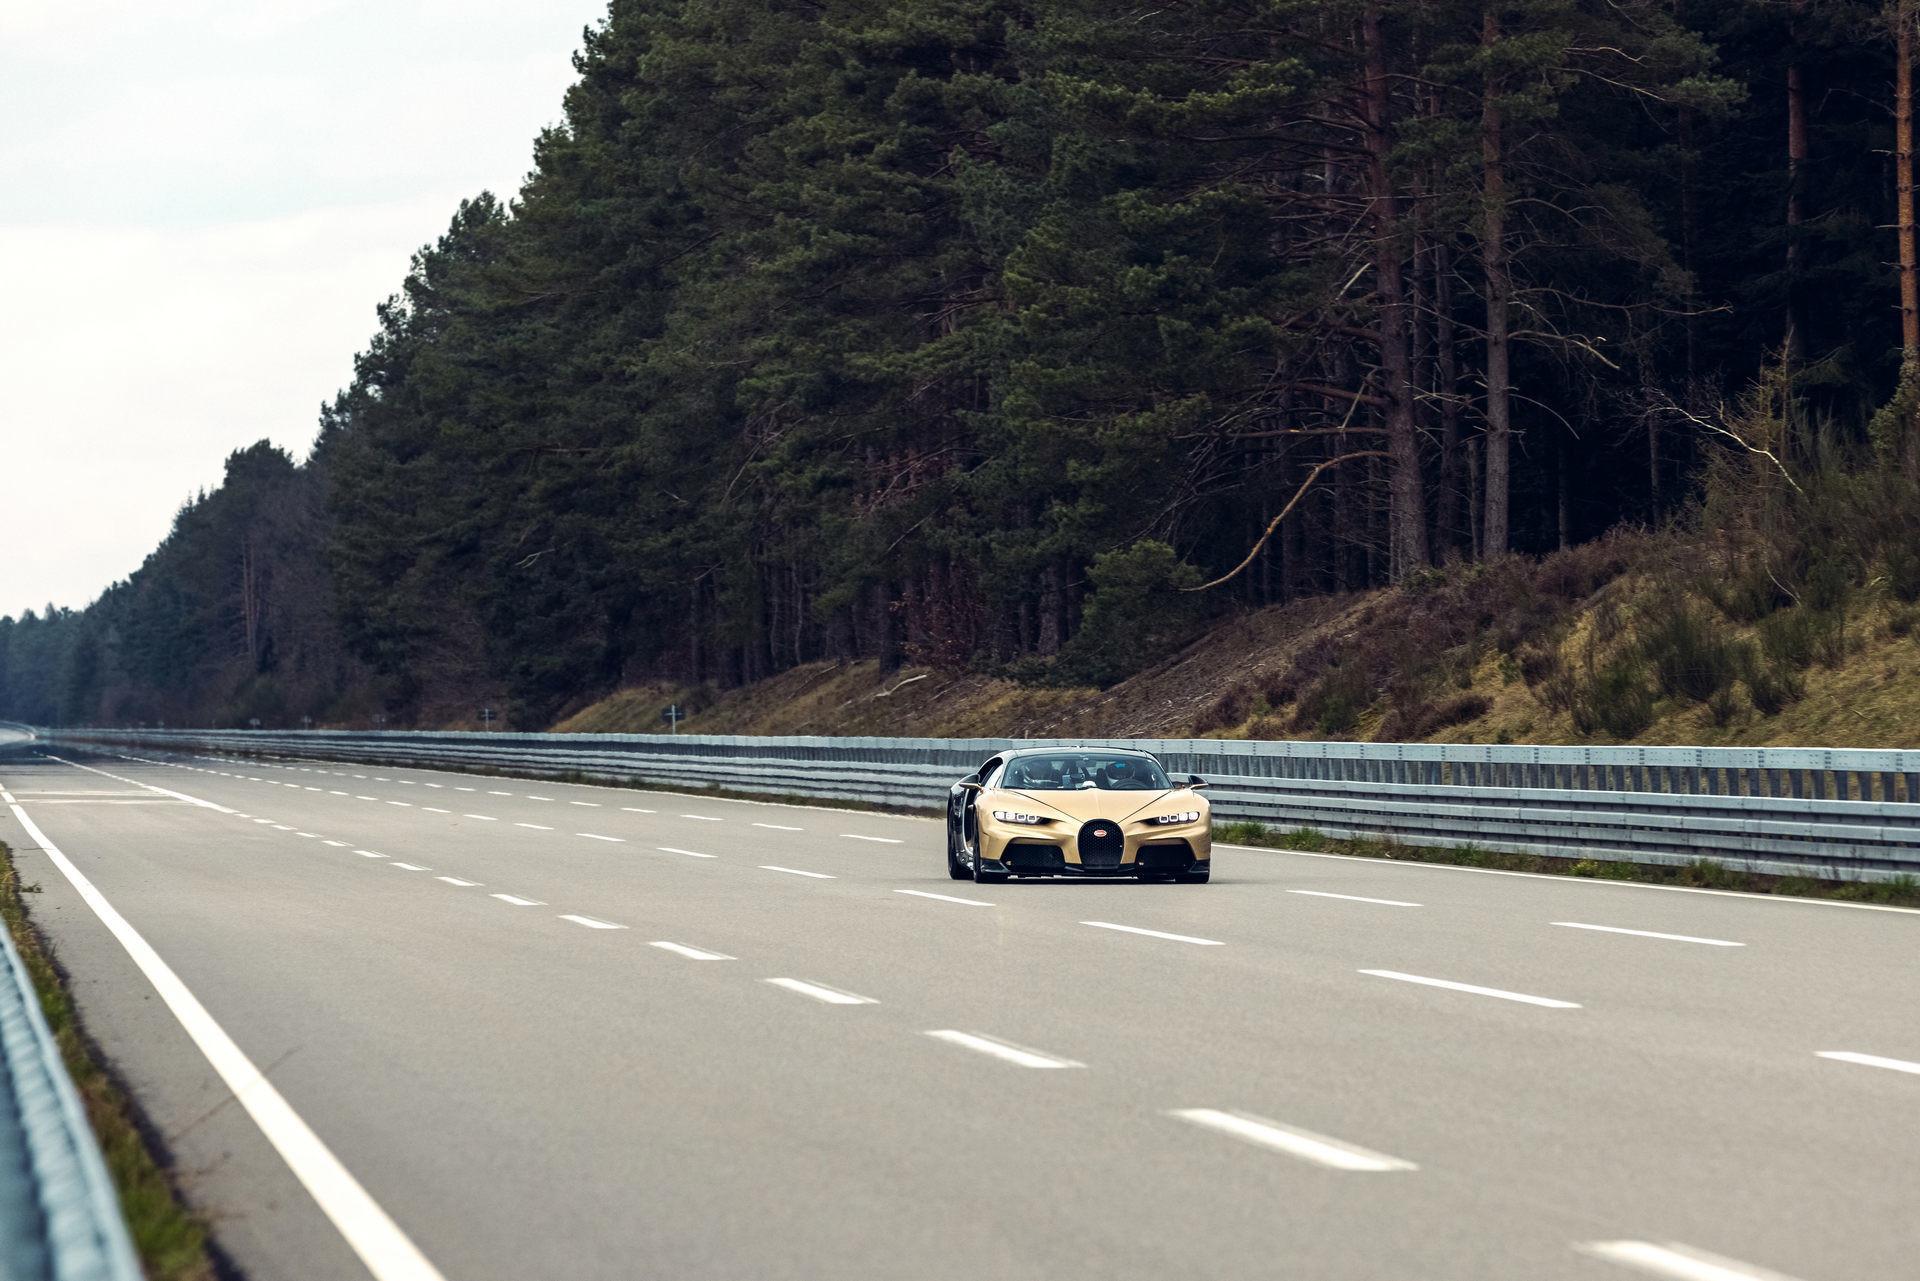 Hé lộ hình ảnh siêu xe Bugatti đang chạy thử với tốc độ 440 km/h-7